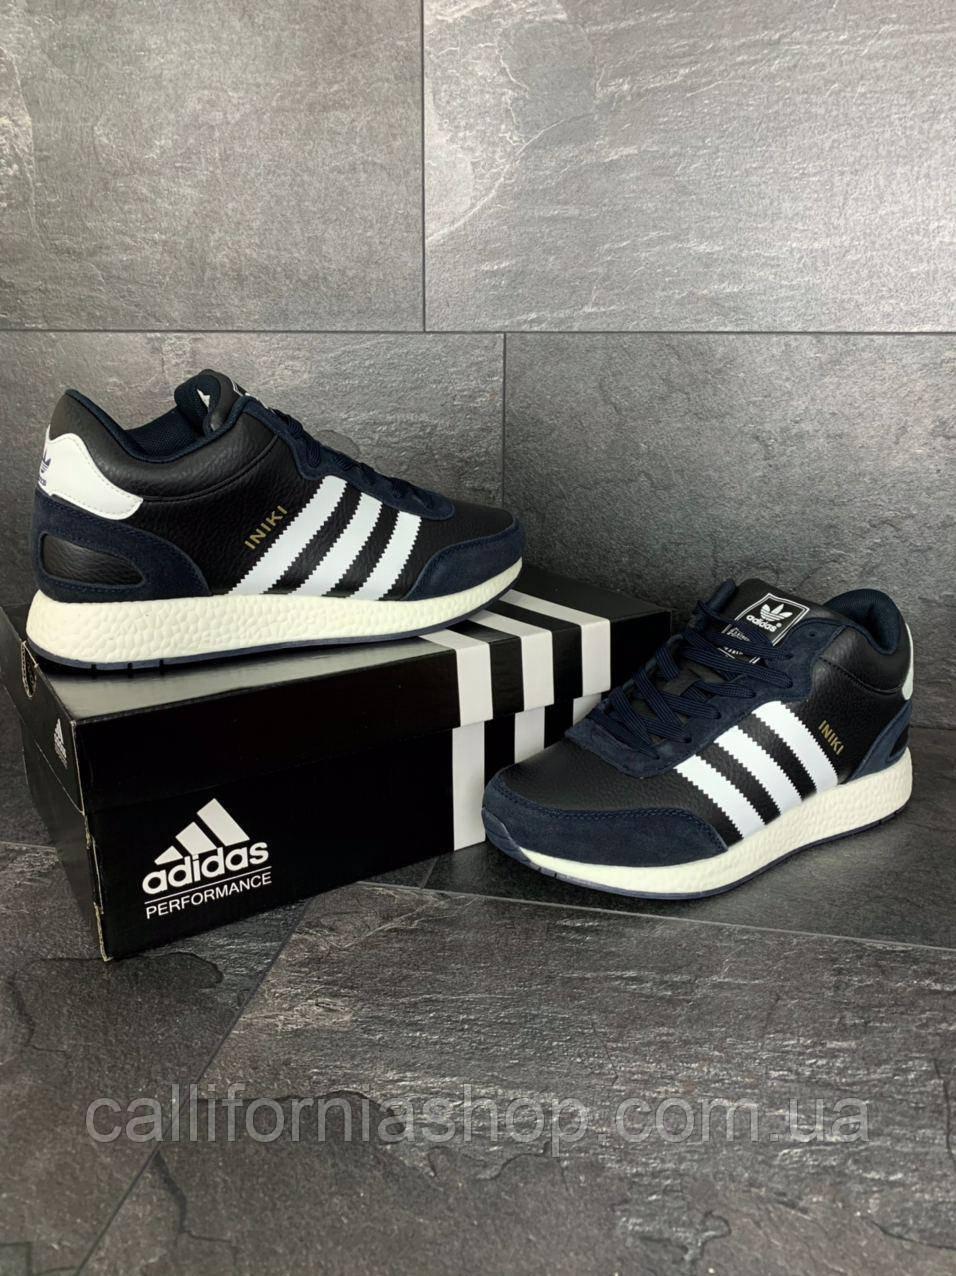 Мужские зимние кроссовки Adidas Iniki Адидас Иники кожаные на меху цвет темно-синий с белым